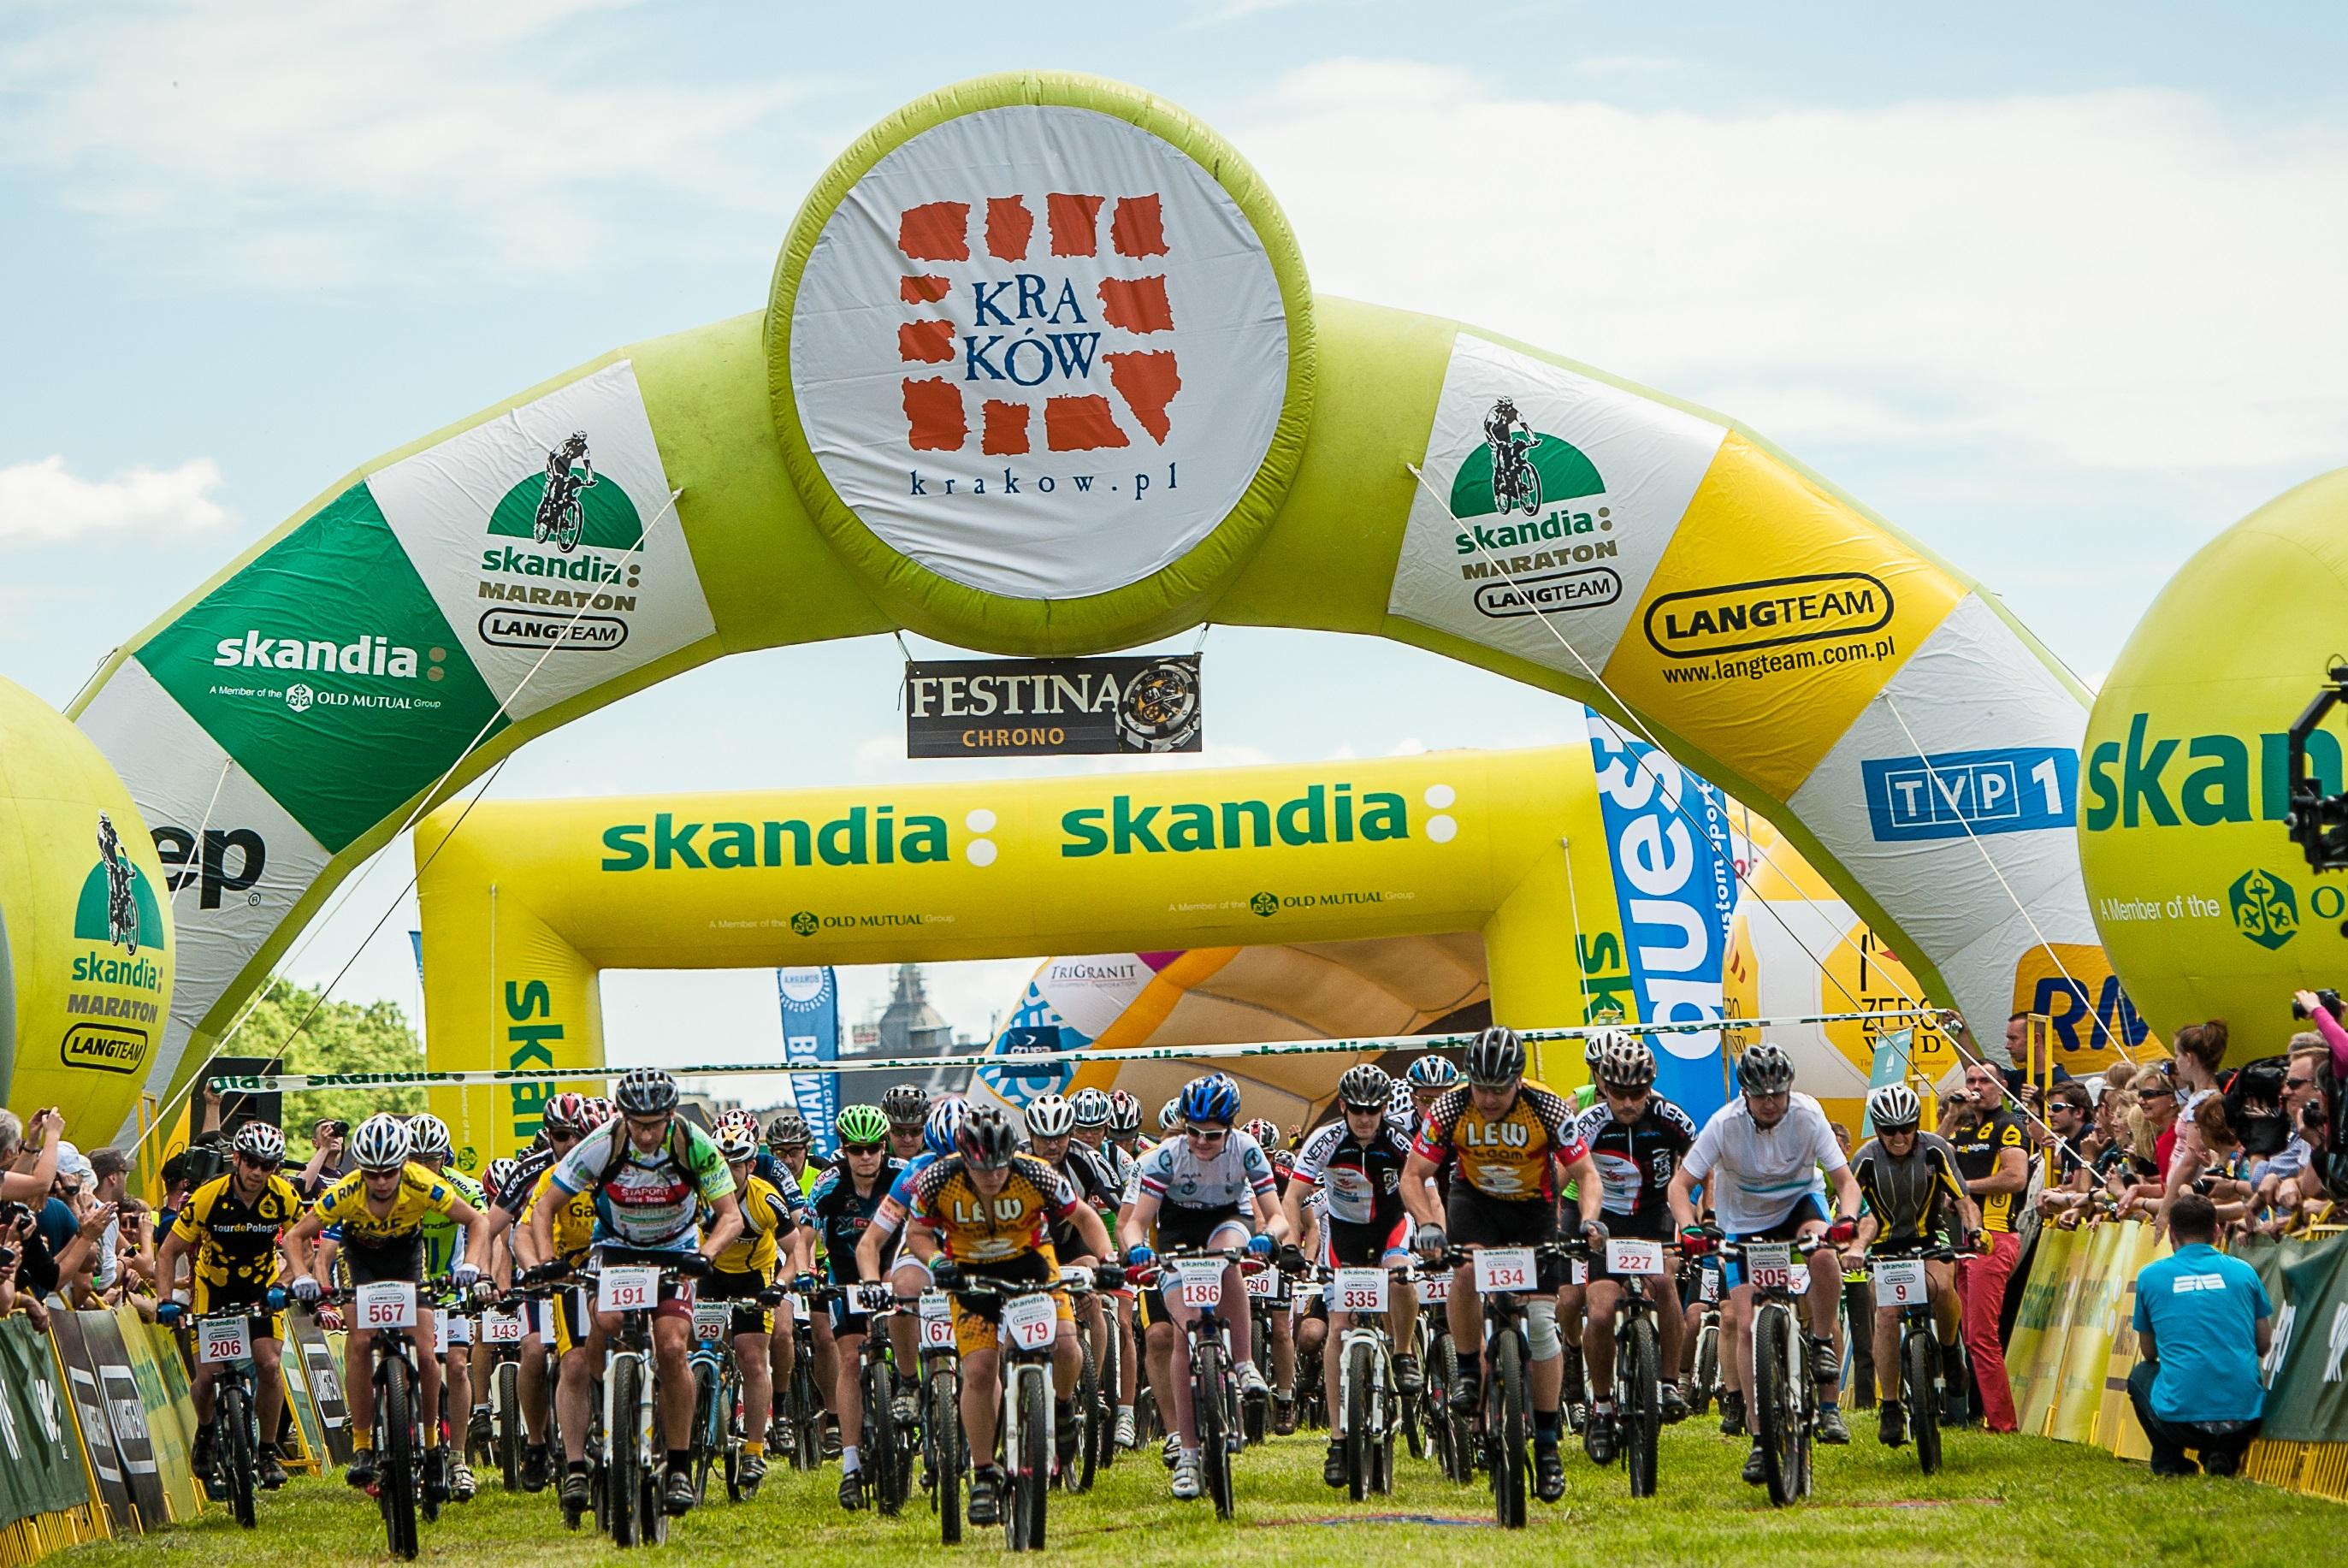 [PR] Skandia Maraton w Krakowie